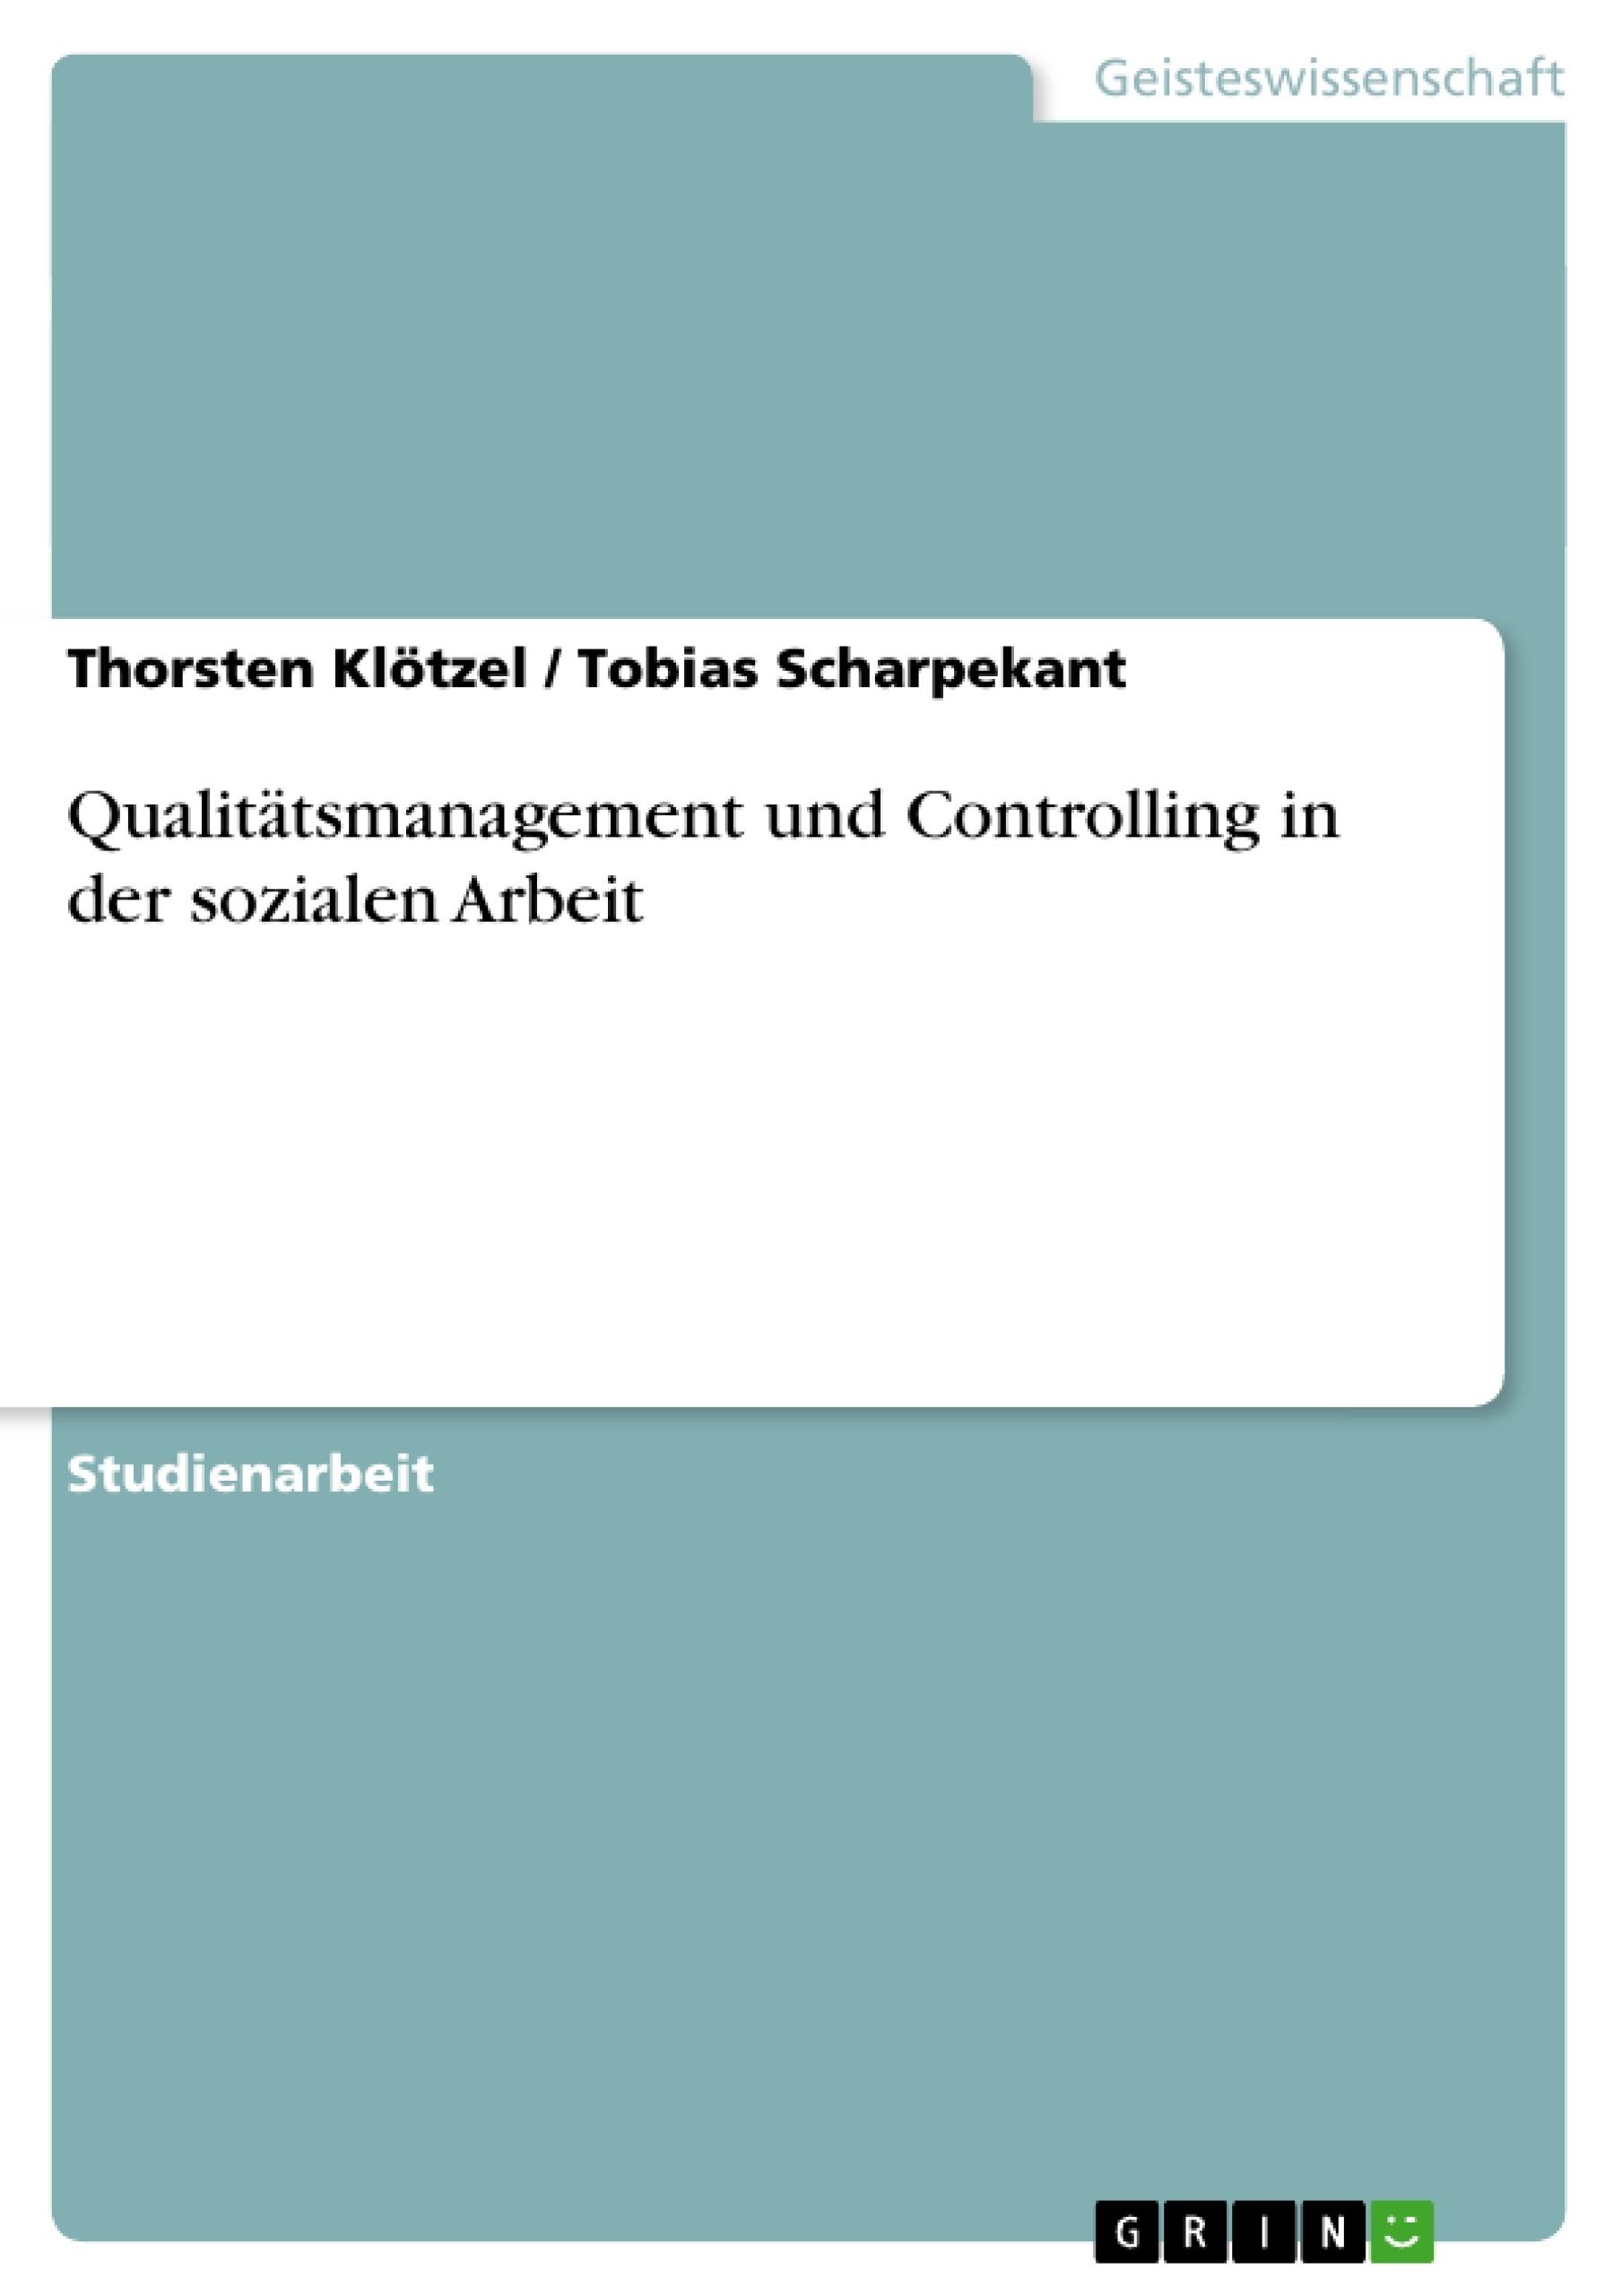 Titel: Qualitätsmanagement und Controlling in der sozialen Arbeit